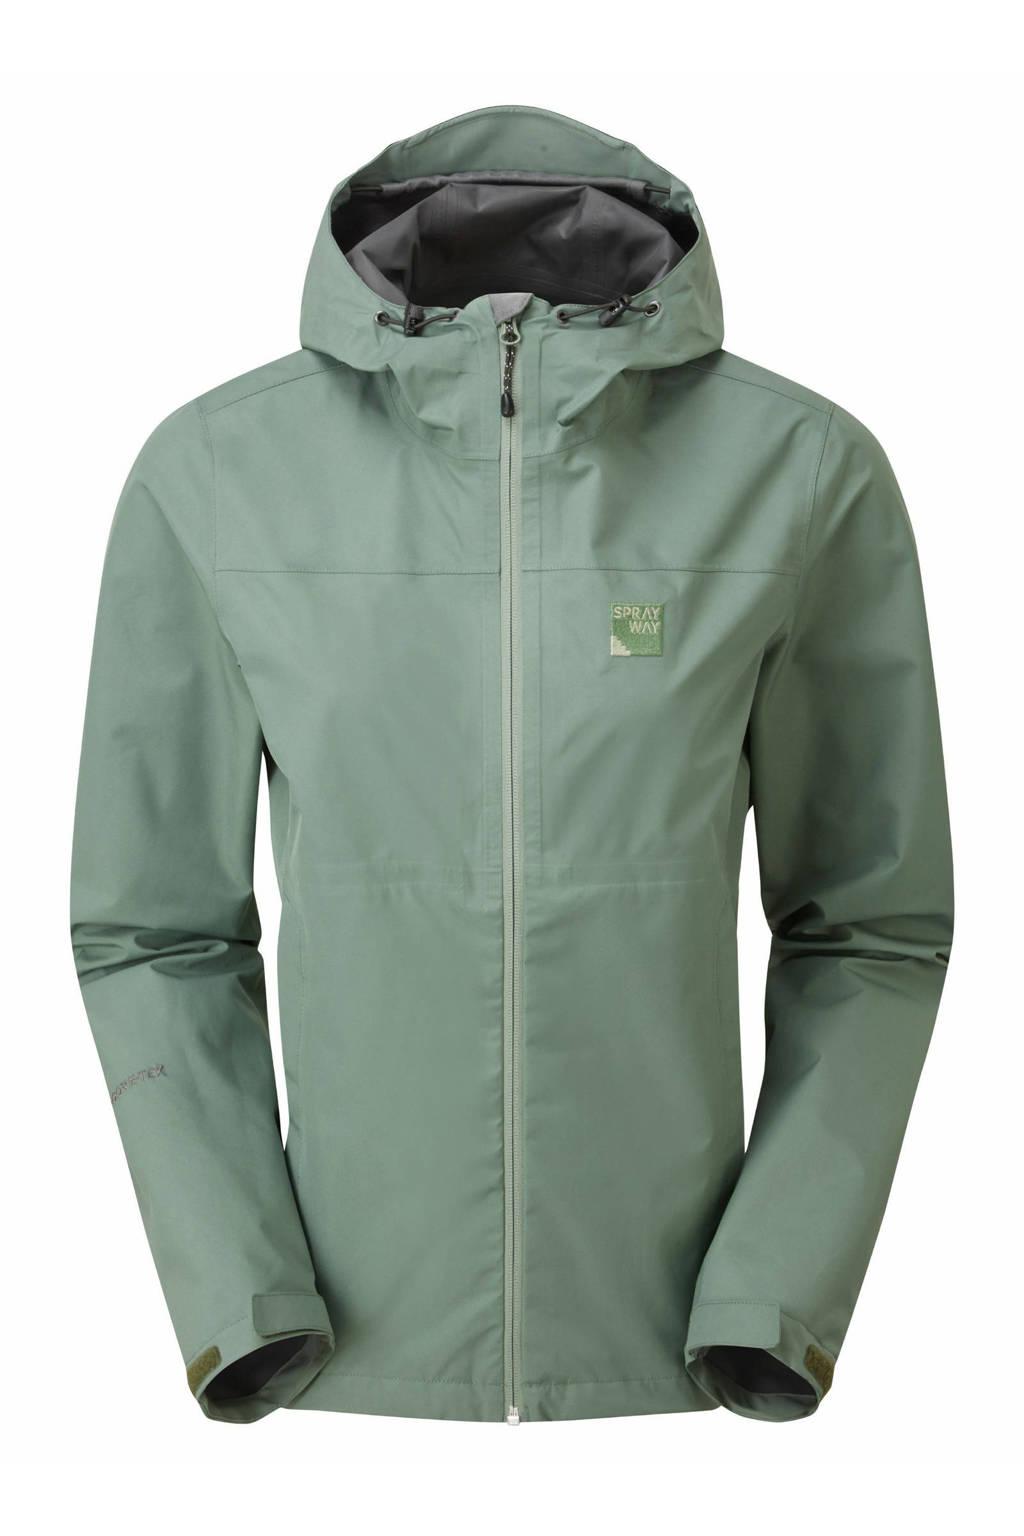 Sprayway outdoor jas Kelo groen, Groen